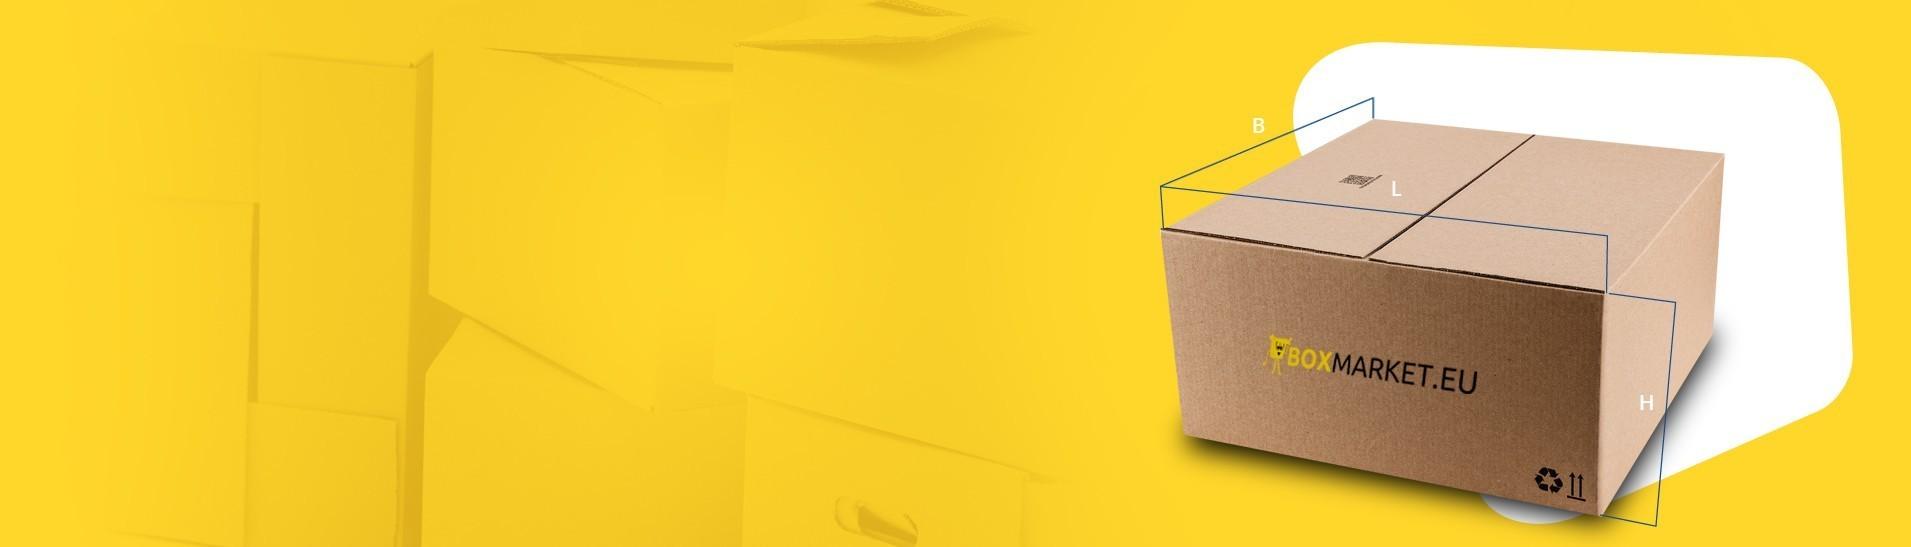 Deine eigene Box